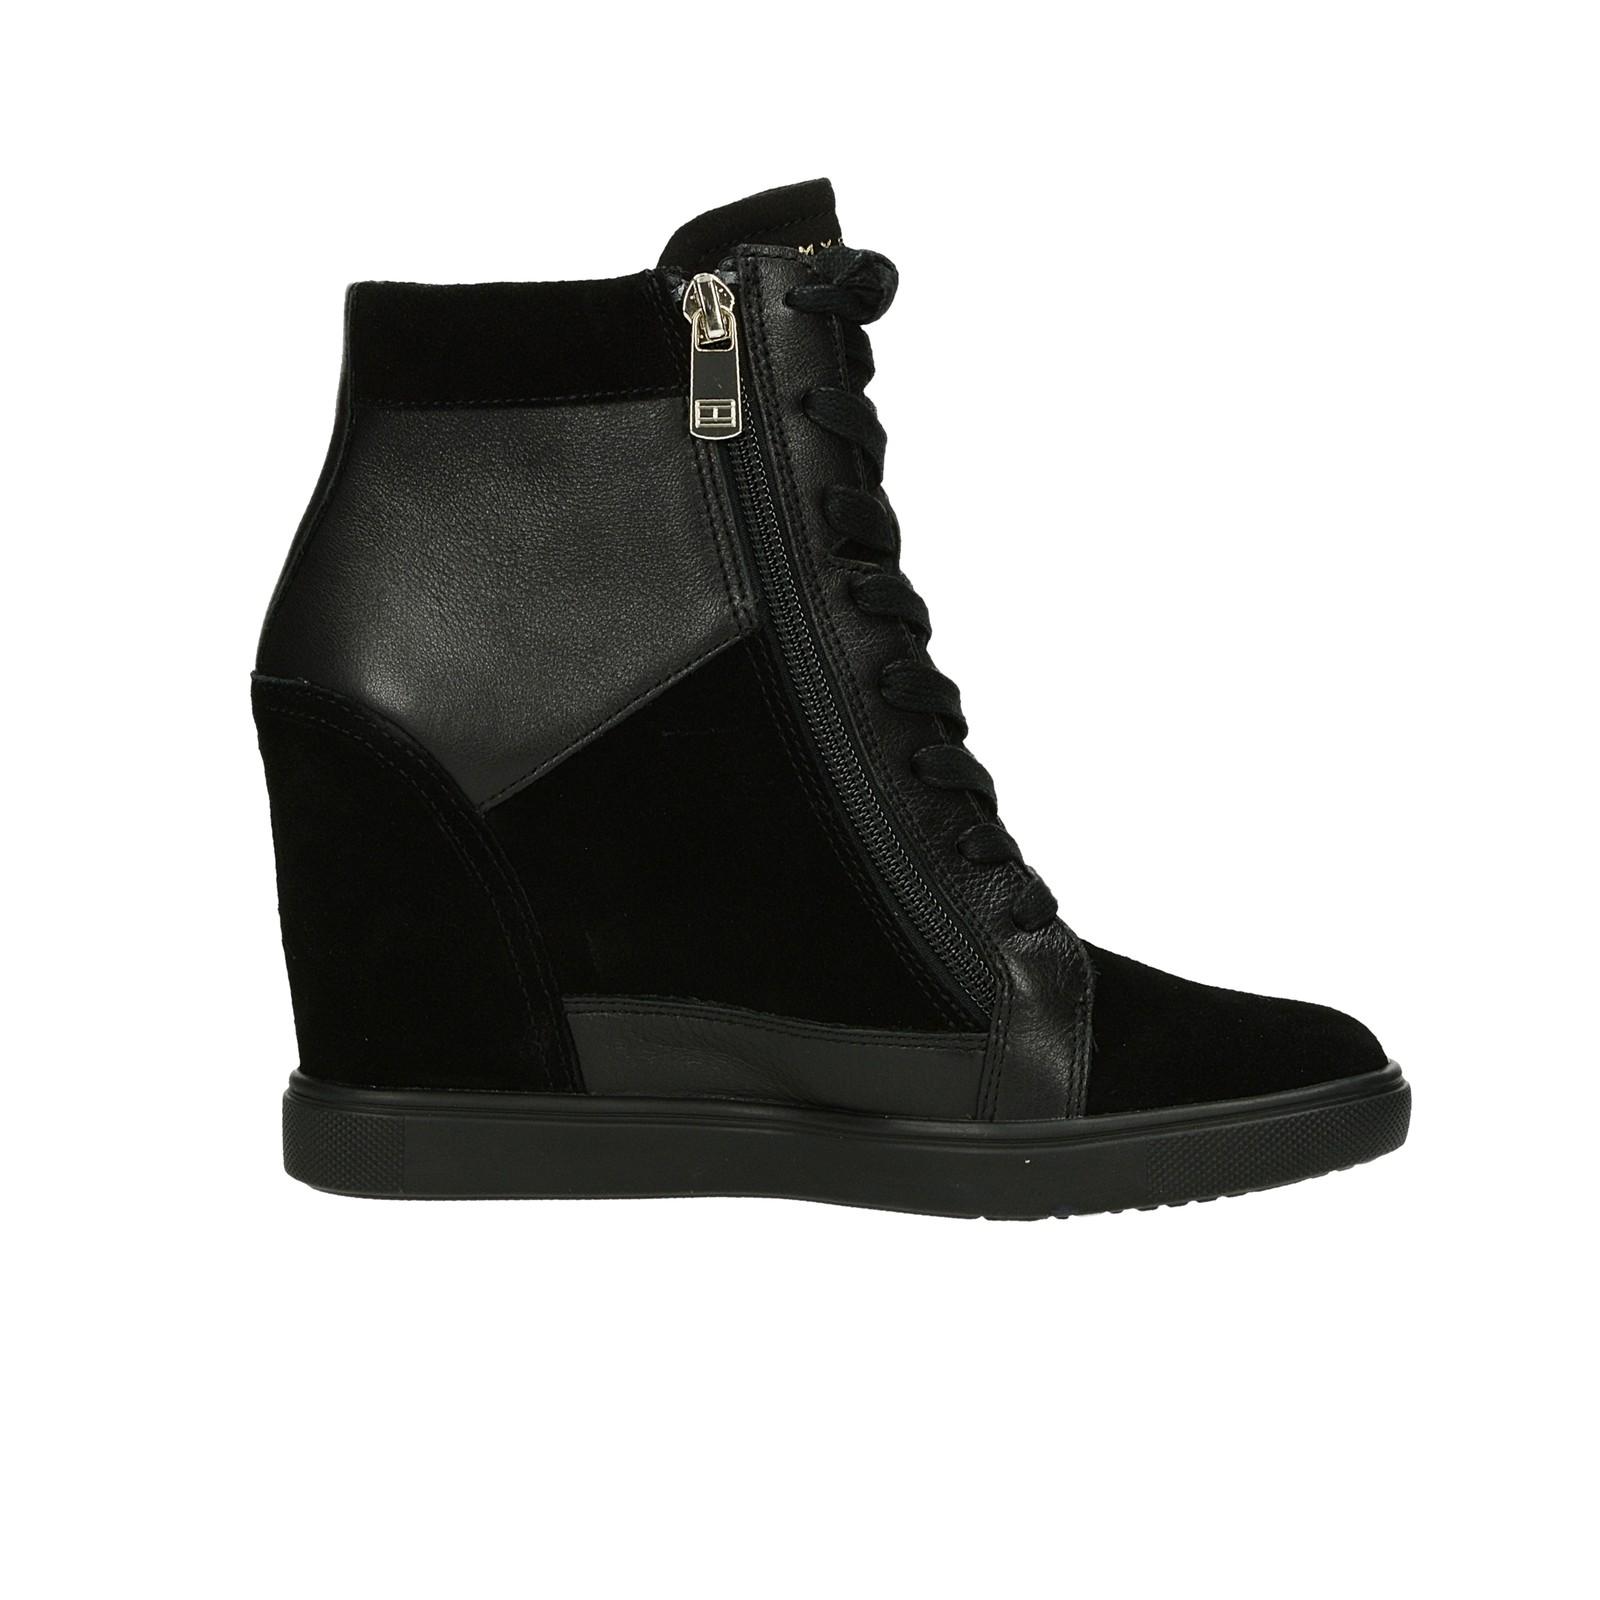 Tommy Hilfiger dámské stylové kotníkové boty na klinové podrážce - černé ... 4c254531603